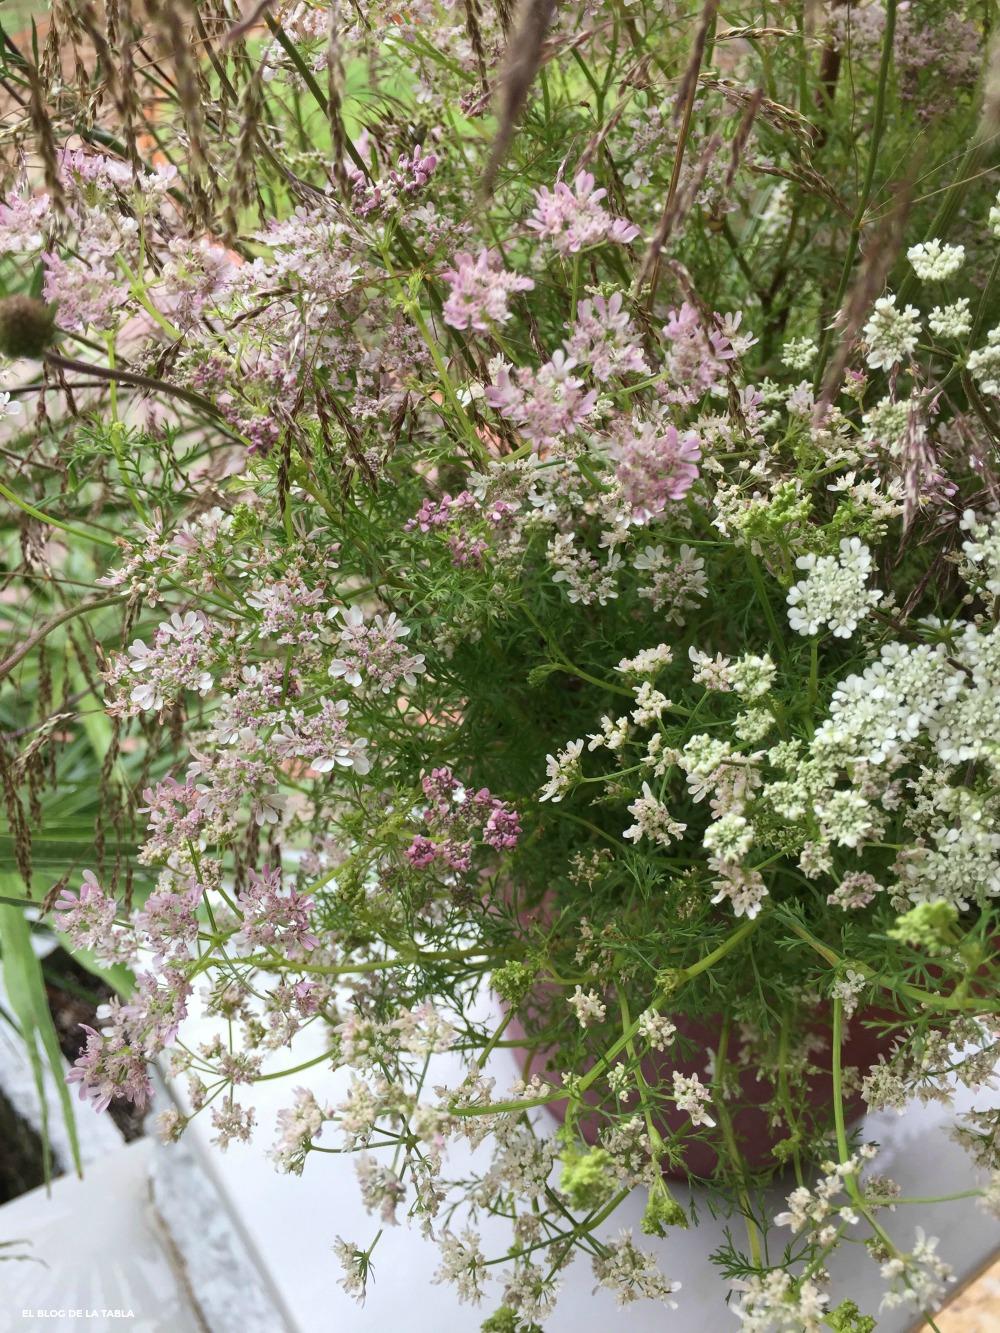 Flores en umbela de color rosa y blanco de la planta aromatica cilantro